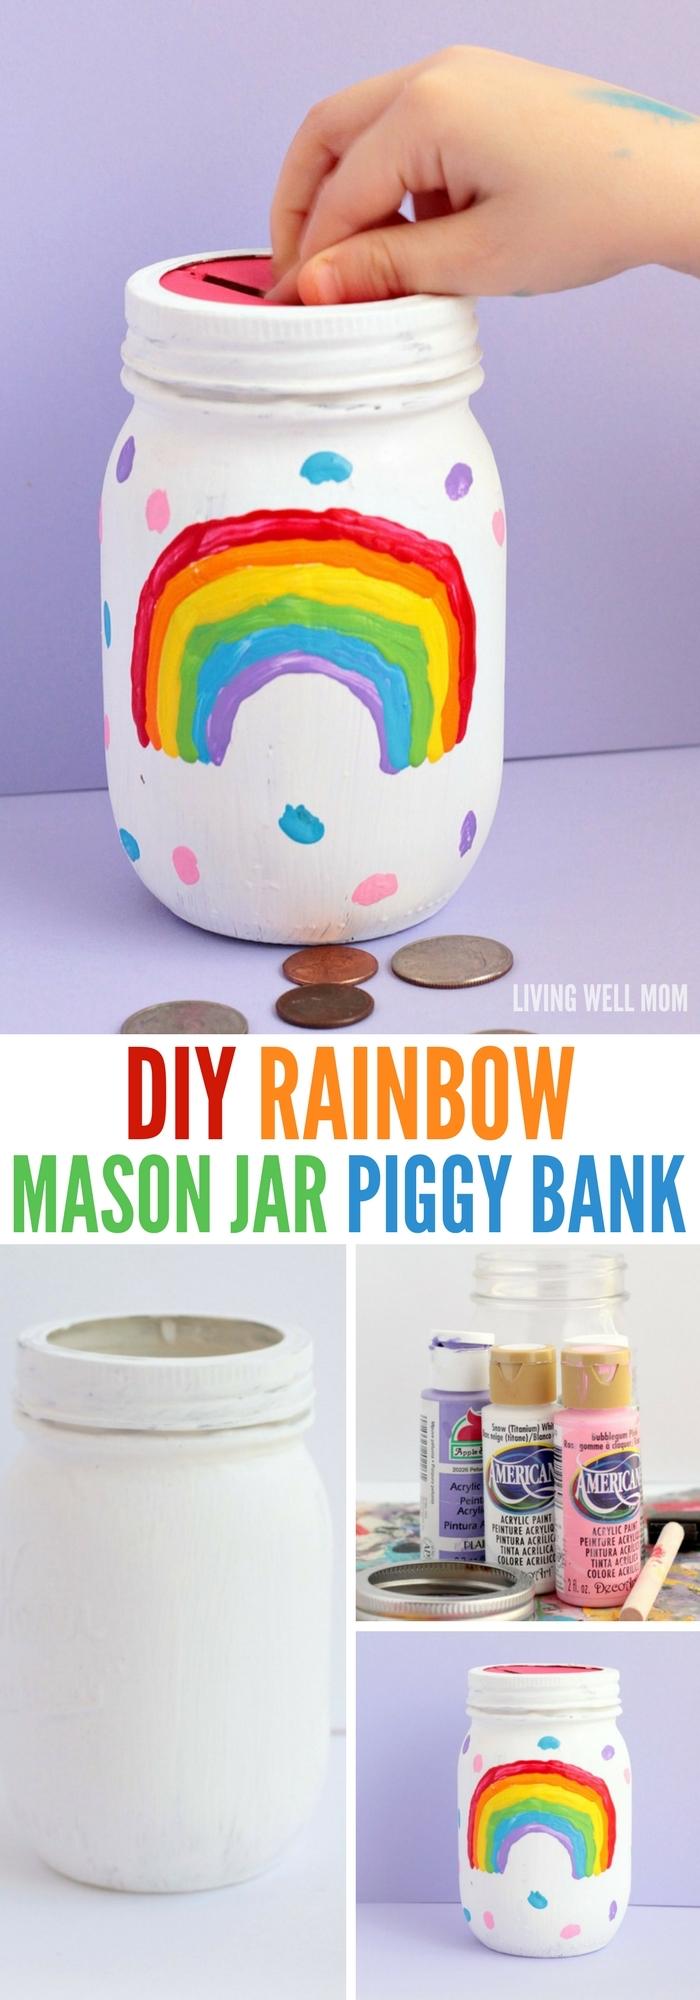 kinderspardose aus einmachgläsern basteln, regenbogen malen, geld sparen